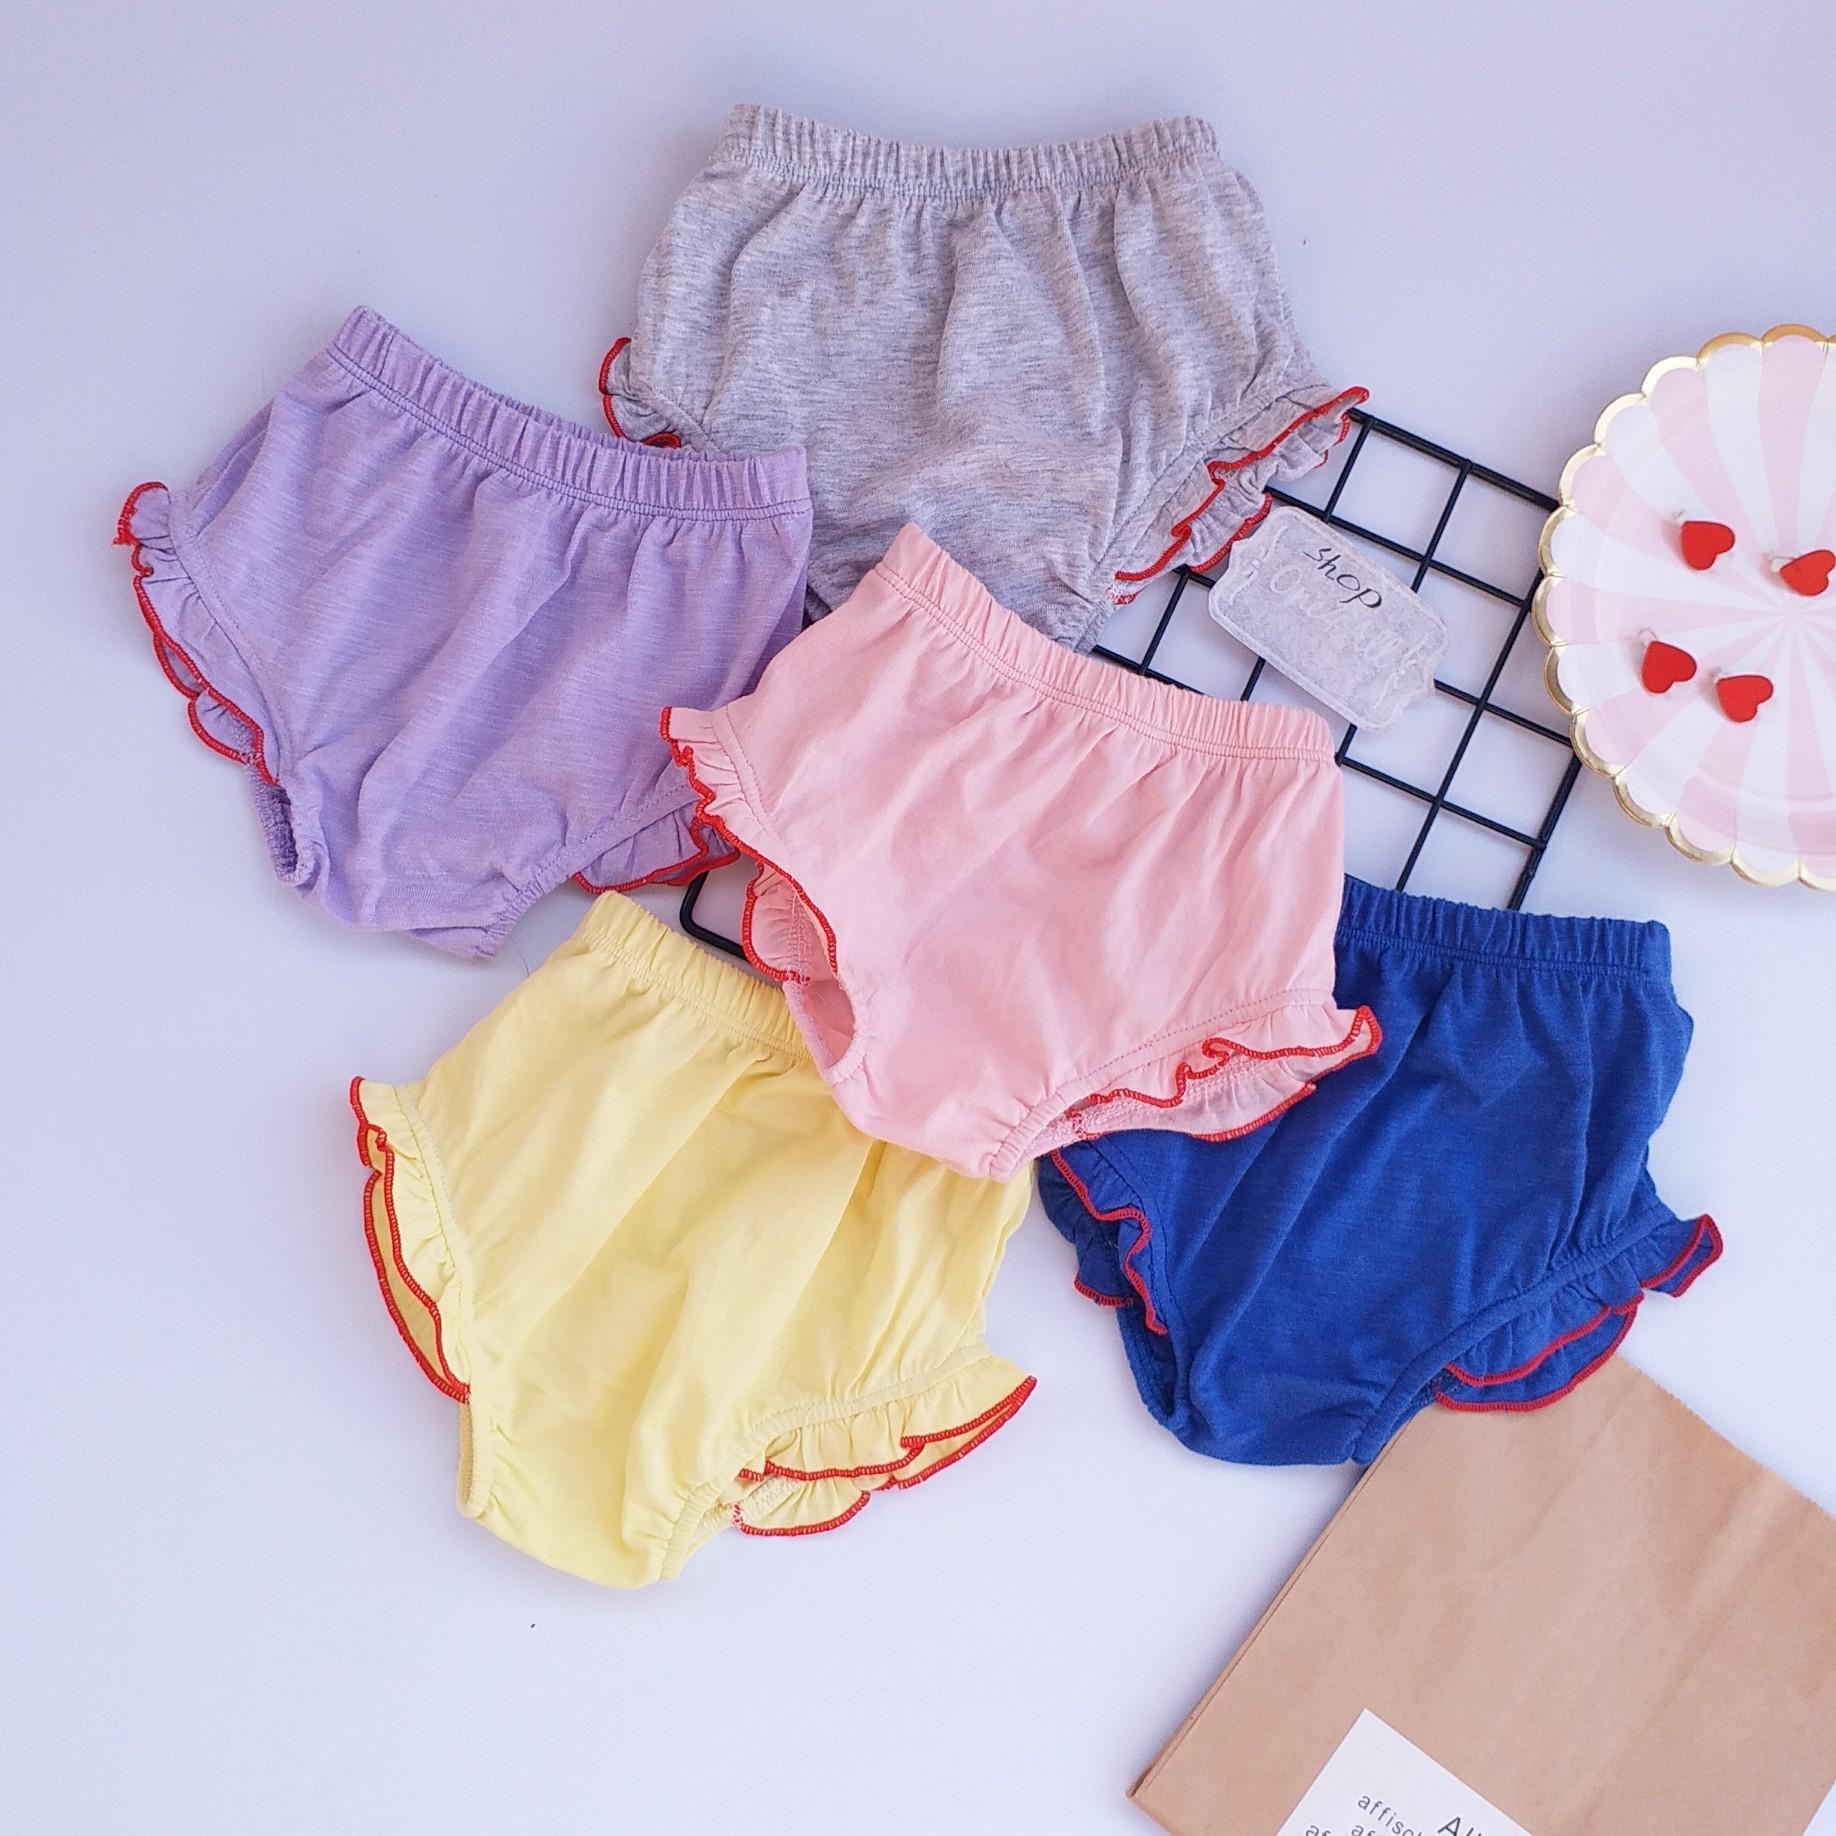 Quần chip cho bé gái - Combo 5 quần sản xuât bởi shop ONEFORALL - Có thể mặc được như quần chục đùi (Size sơ sinh)